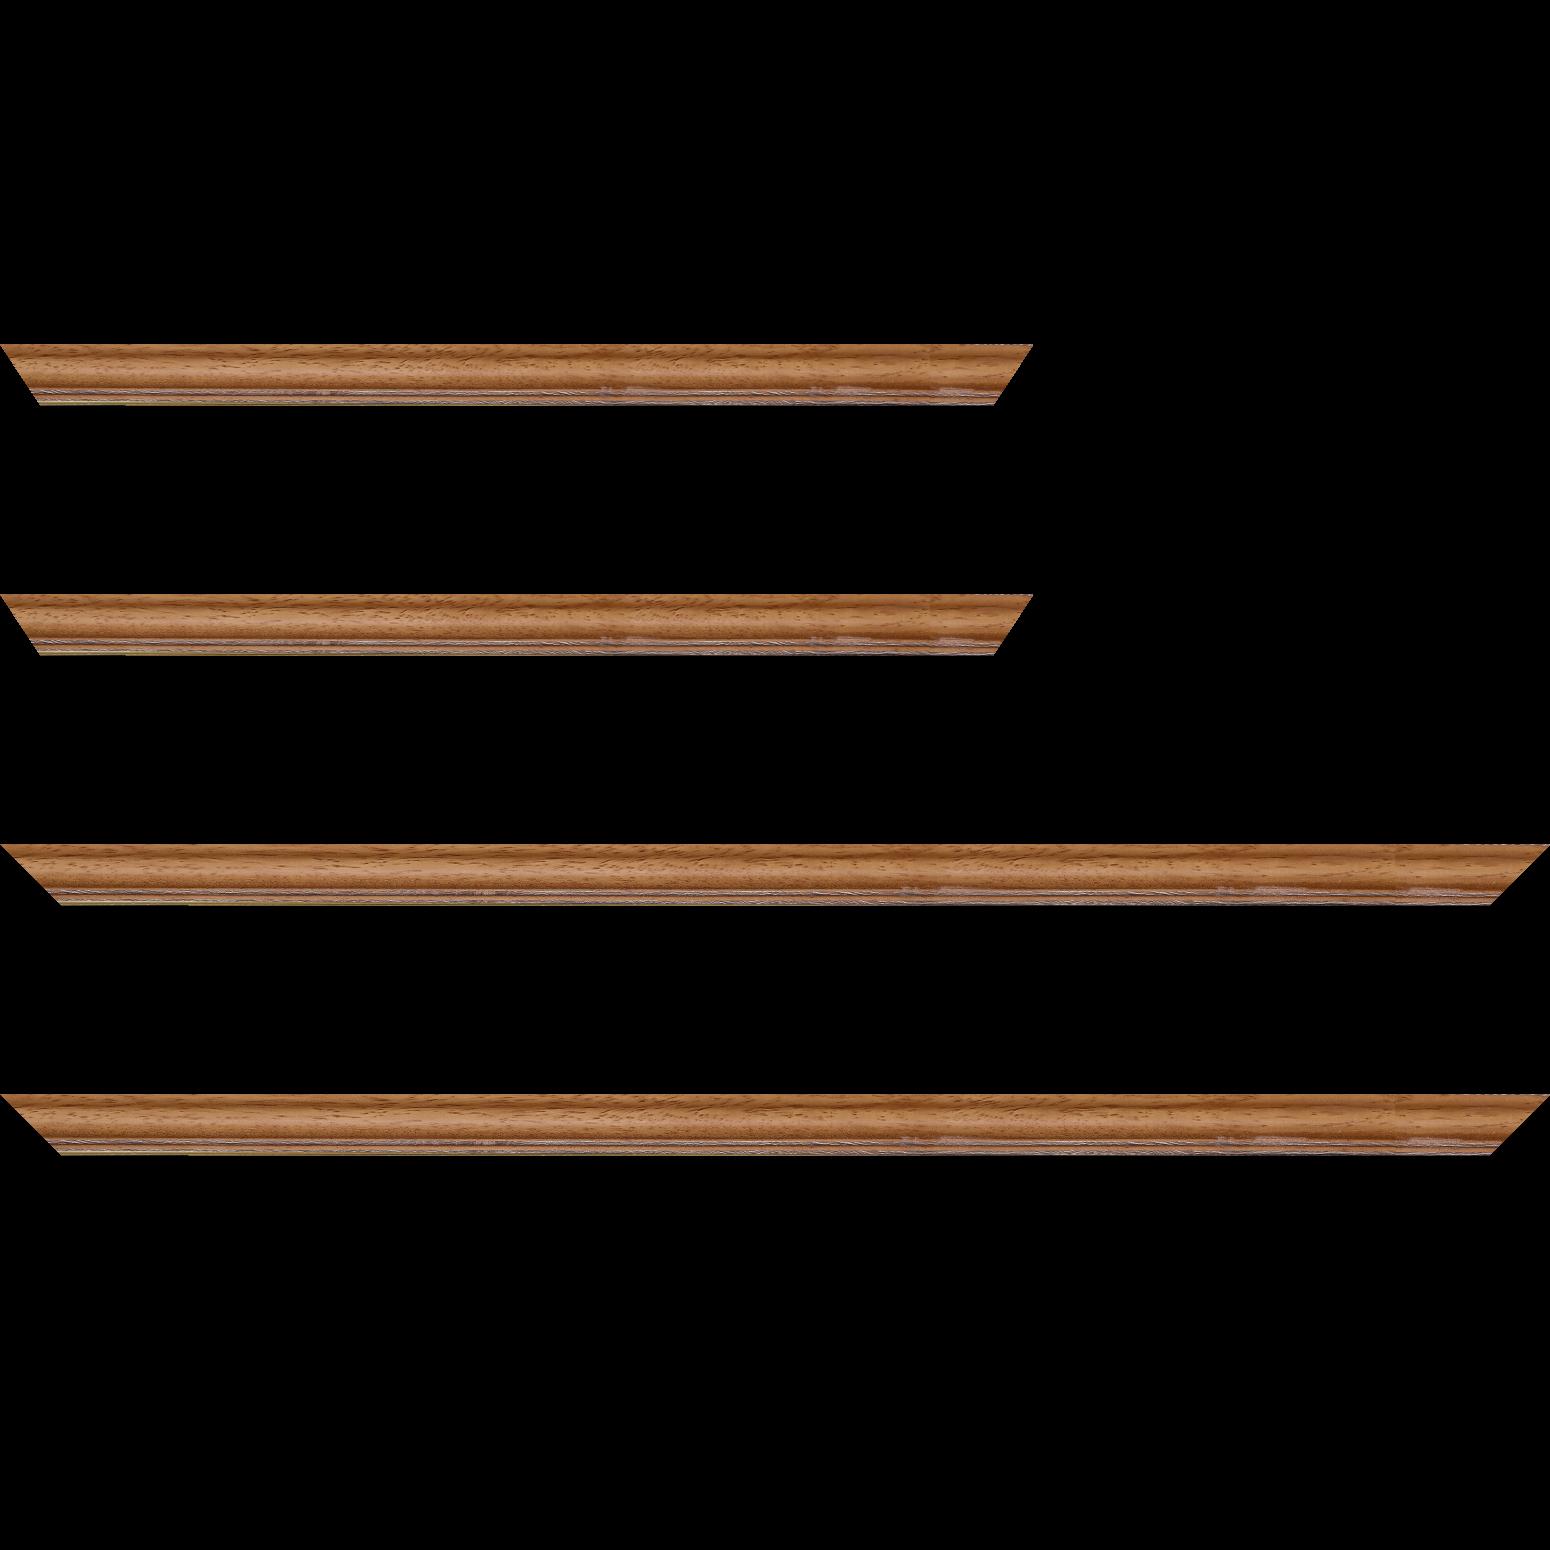 Baguette service précoupé Bois profil doucine inversée largeur 2.3cm marron clair bord ressuyé